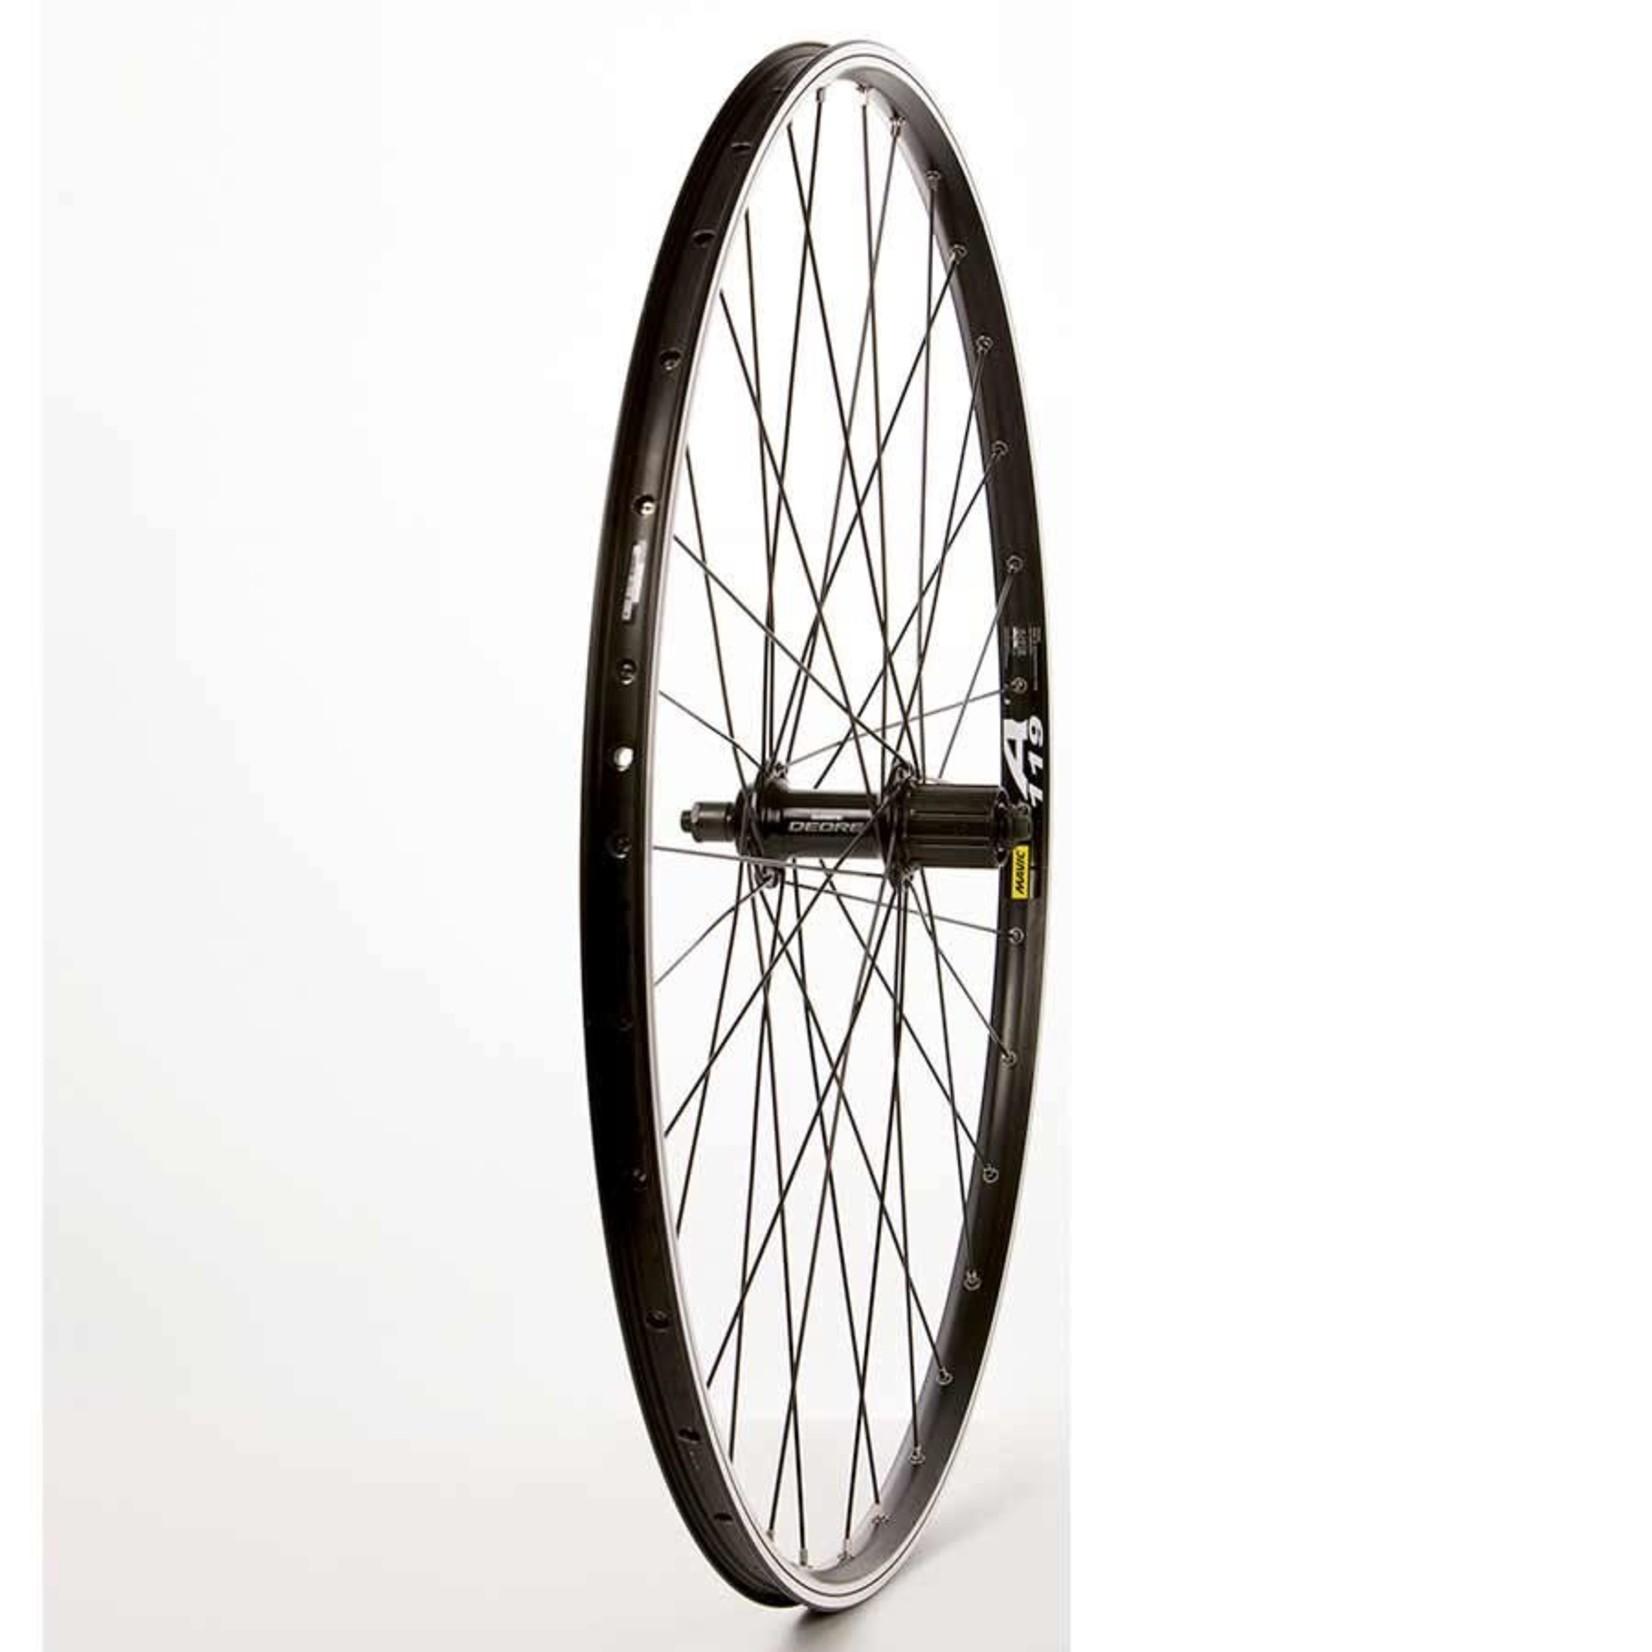 Wheel Shop, Mavic A119 Noir/ Shimano Deore FH-M525, Roue, Arrière, 700C / 622, Trous: 32, QR, 135mm, Jante et disque IS 6-boulons, Shimano HG